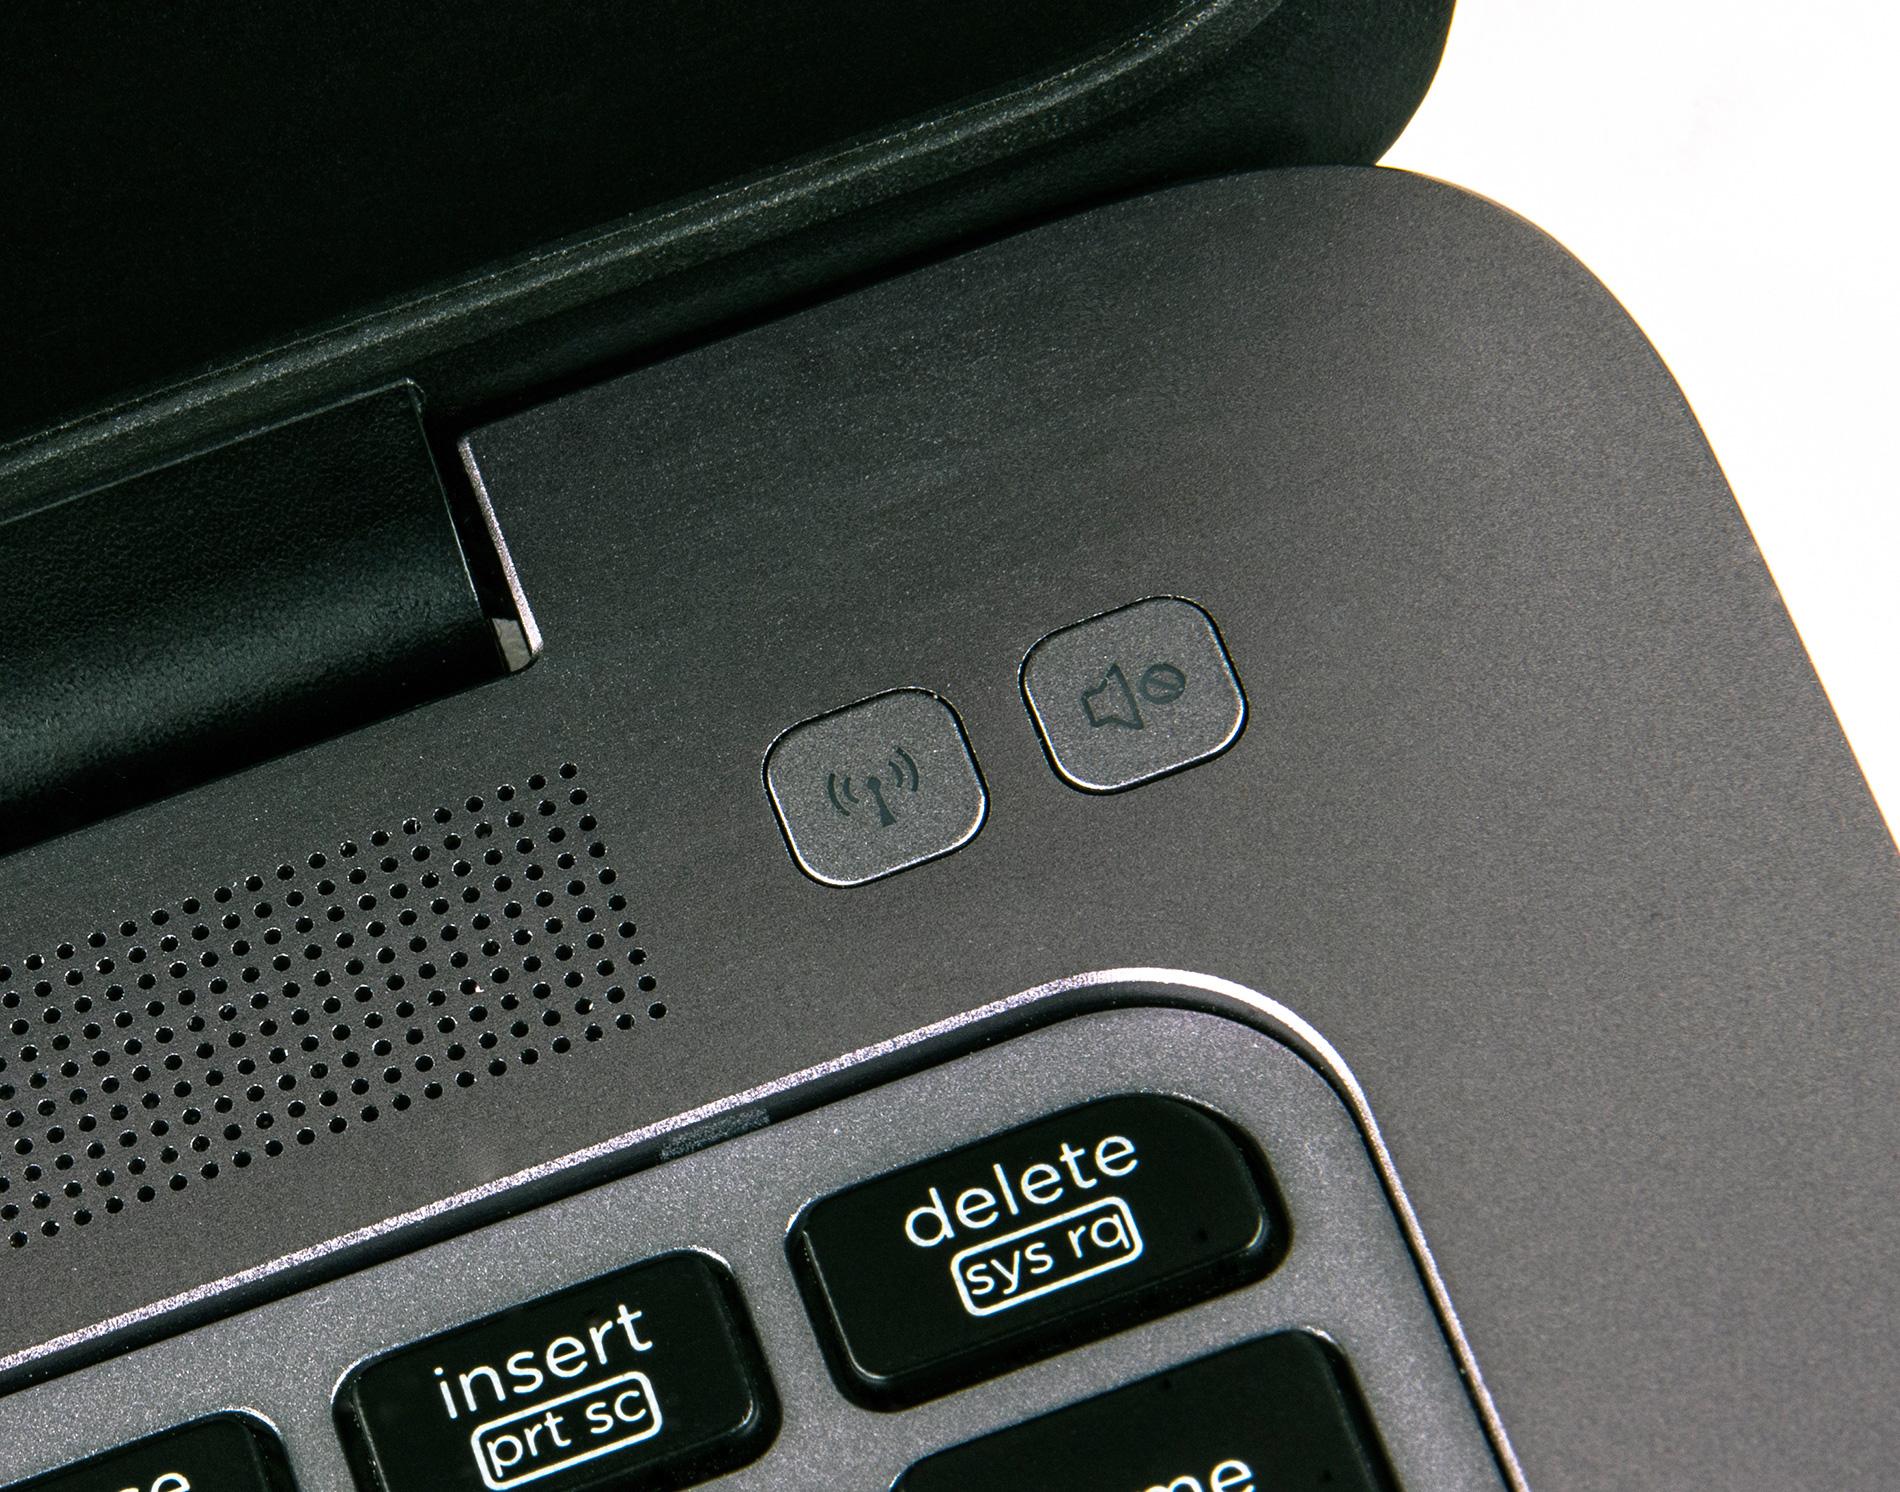 На ноутбуках как правило есть кнопки для аппаратного отключения вайфая